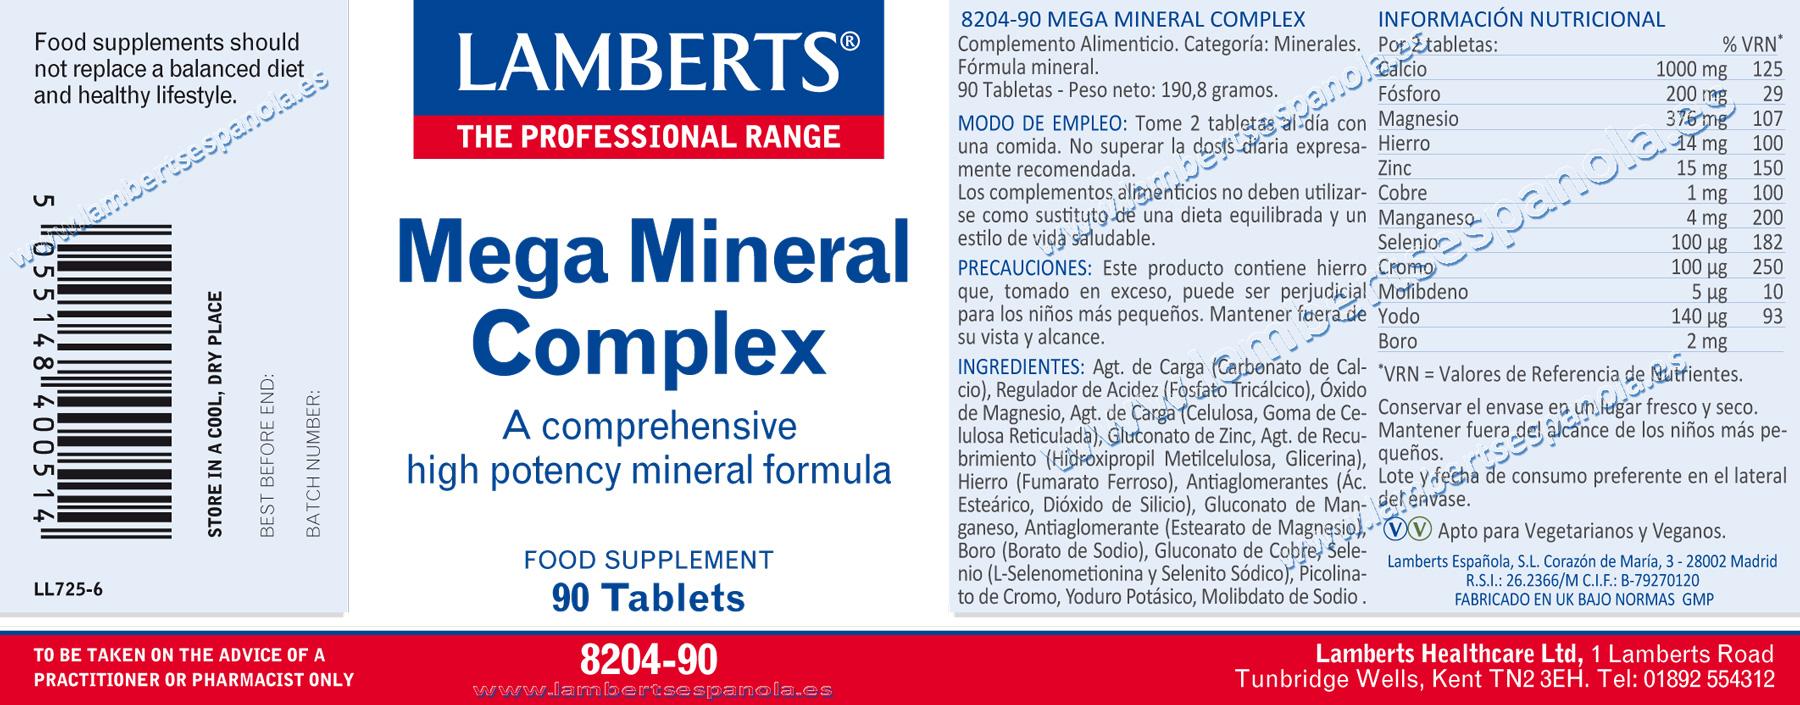 Megamineral Complex de Lamberts